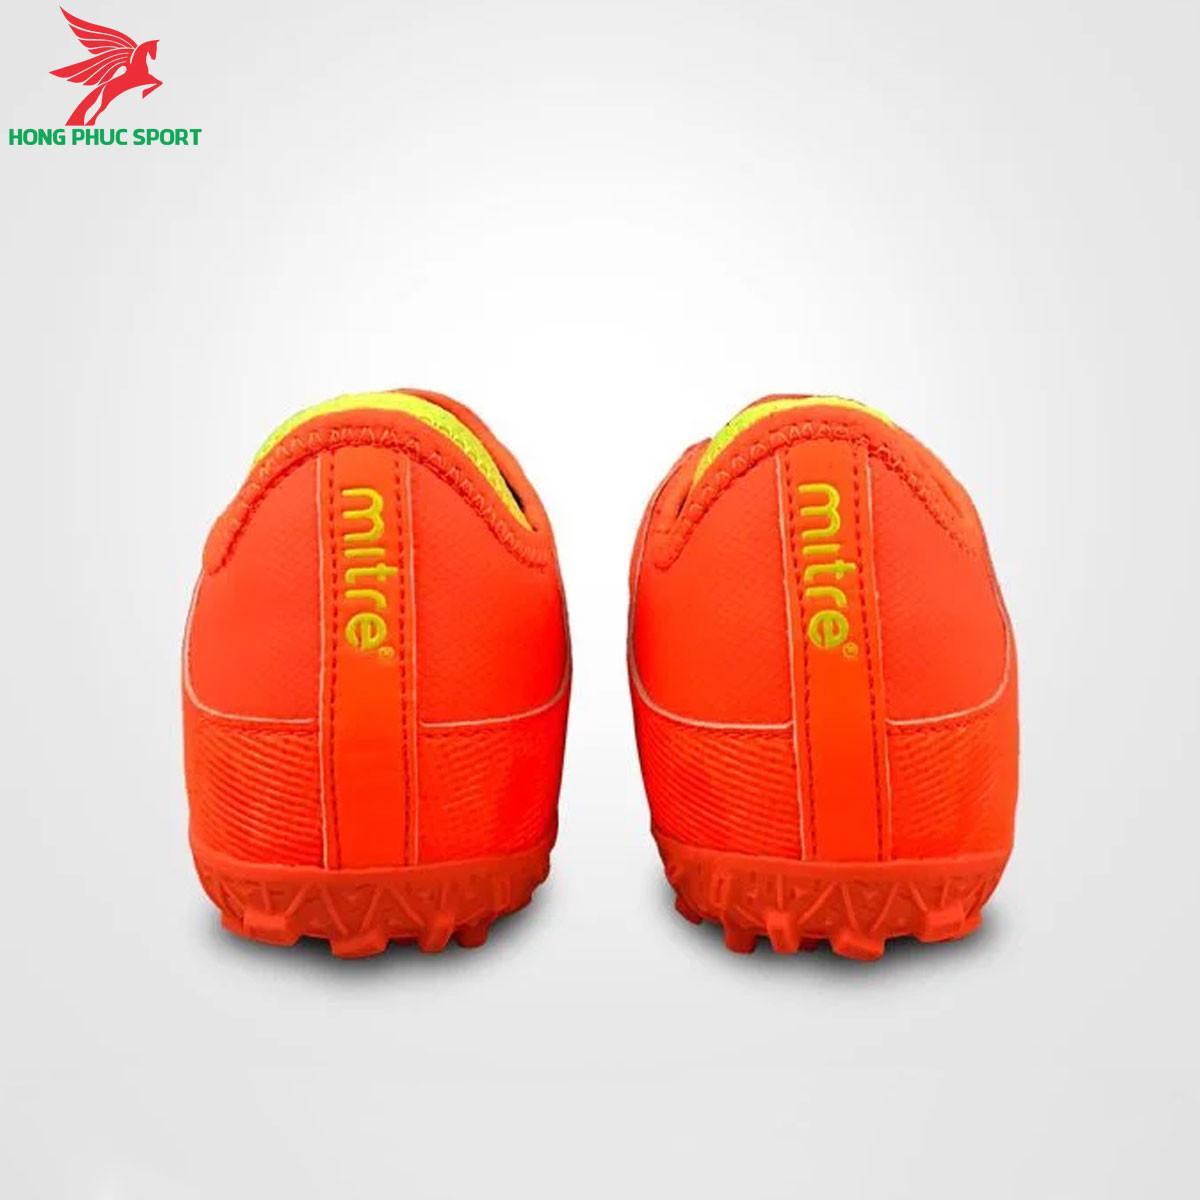 Giày đá banh Mitre 190420 màu cam đế TF (3)